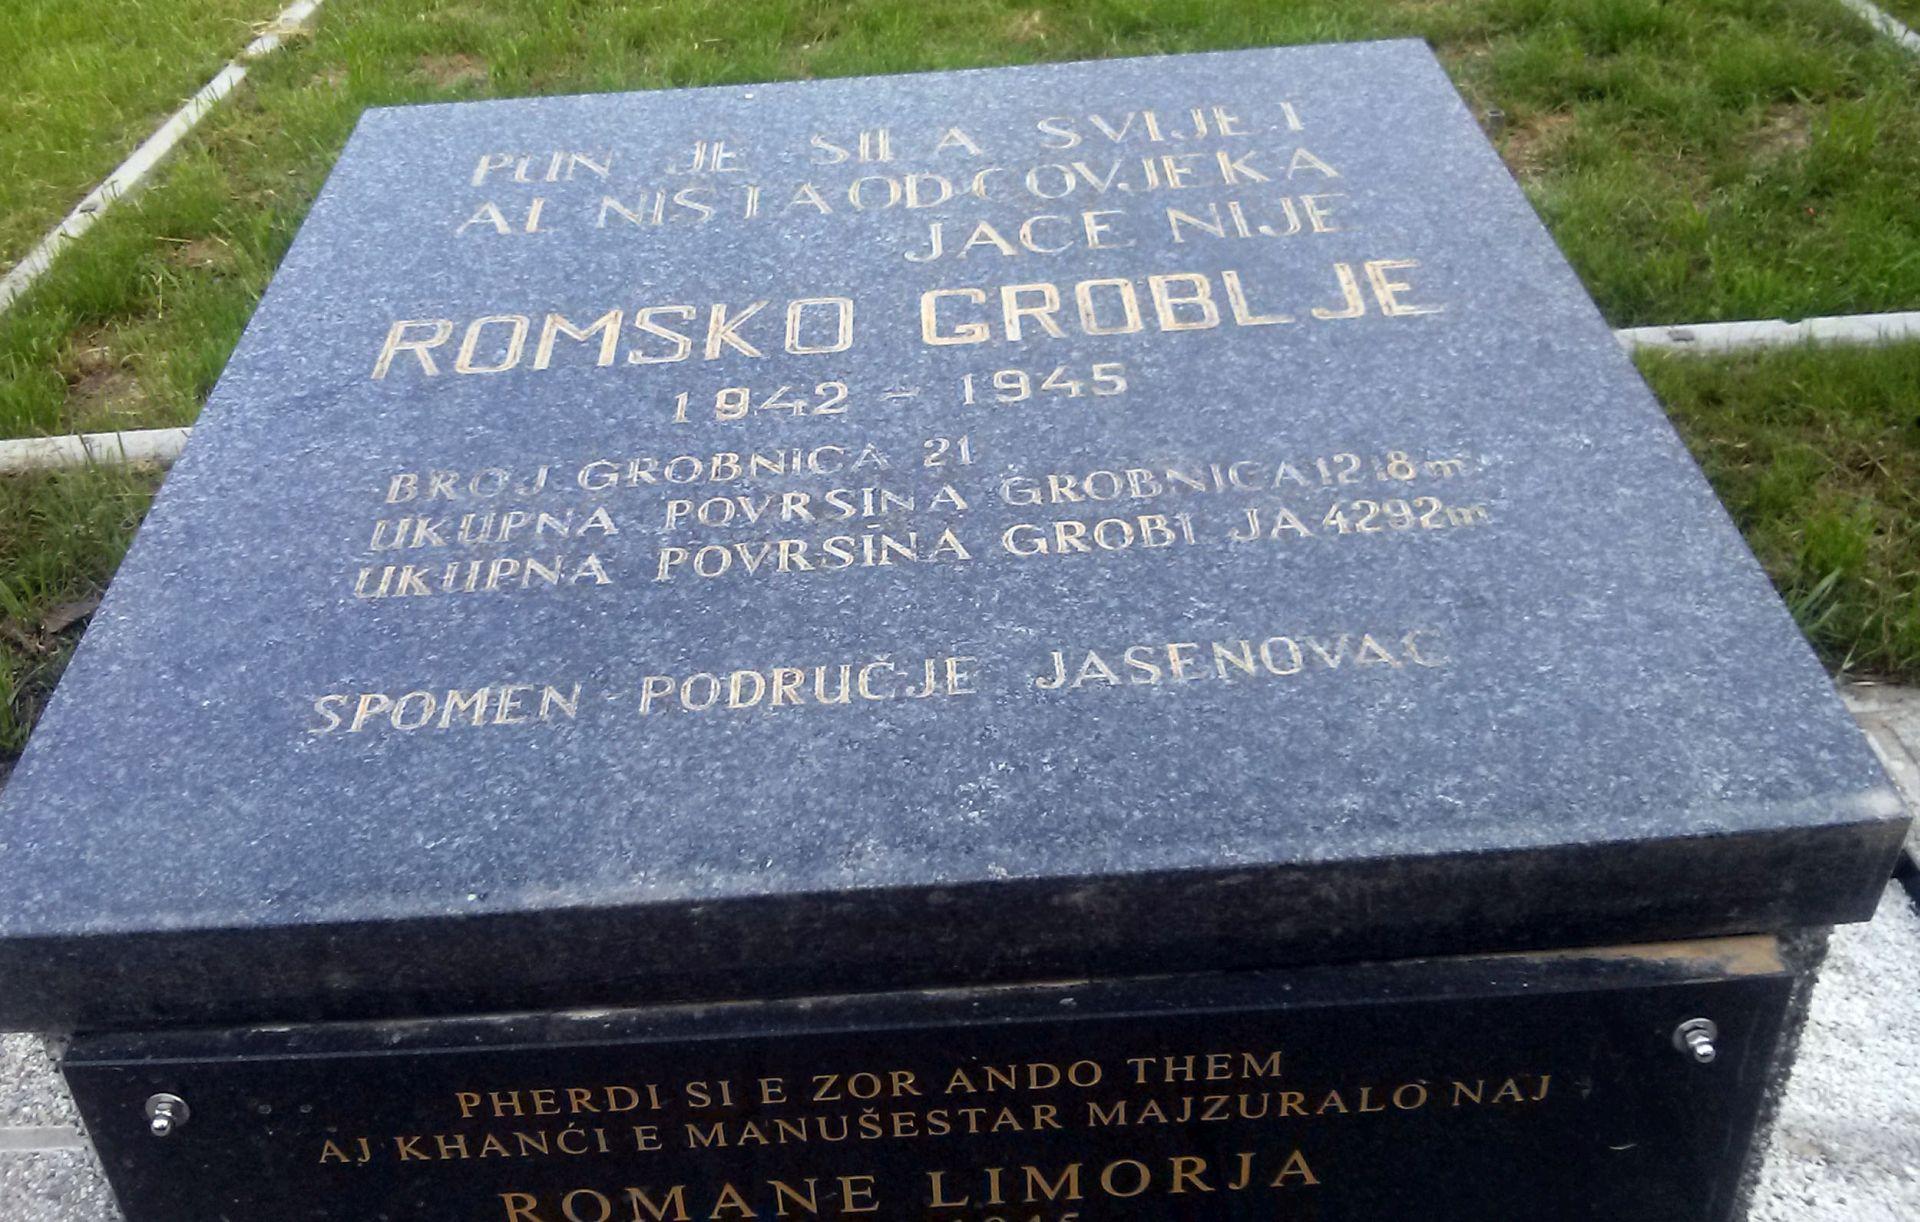 Spomen ploèa na romskom groblju. foto HINA / Marina BUJAN / mm